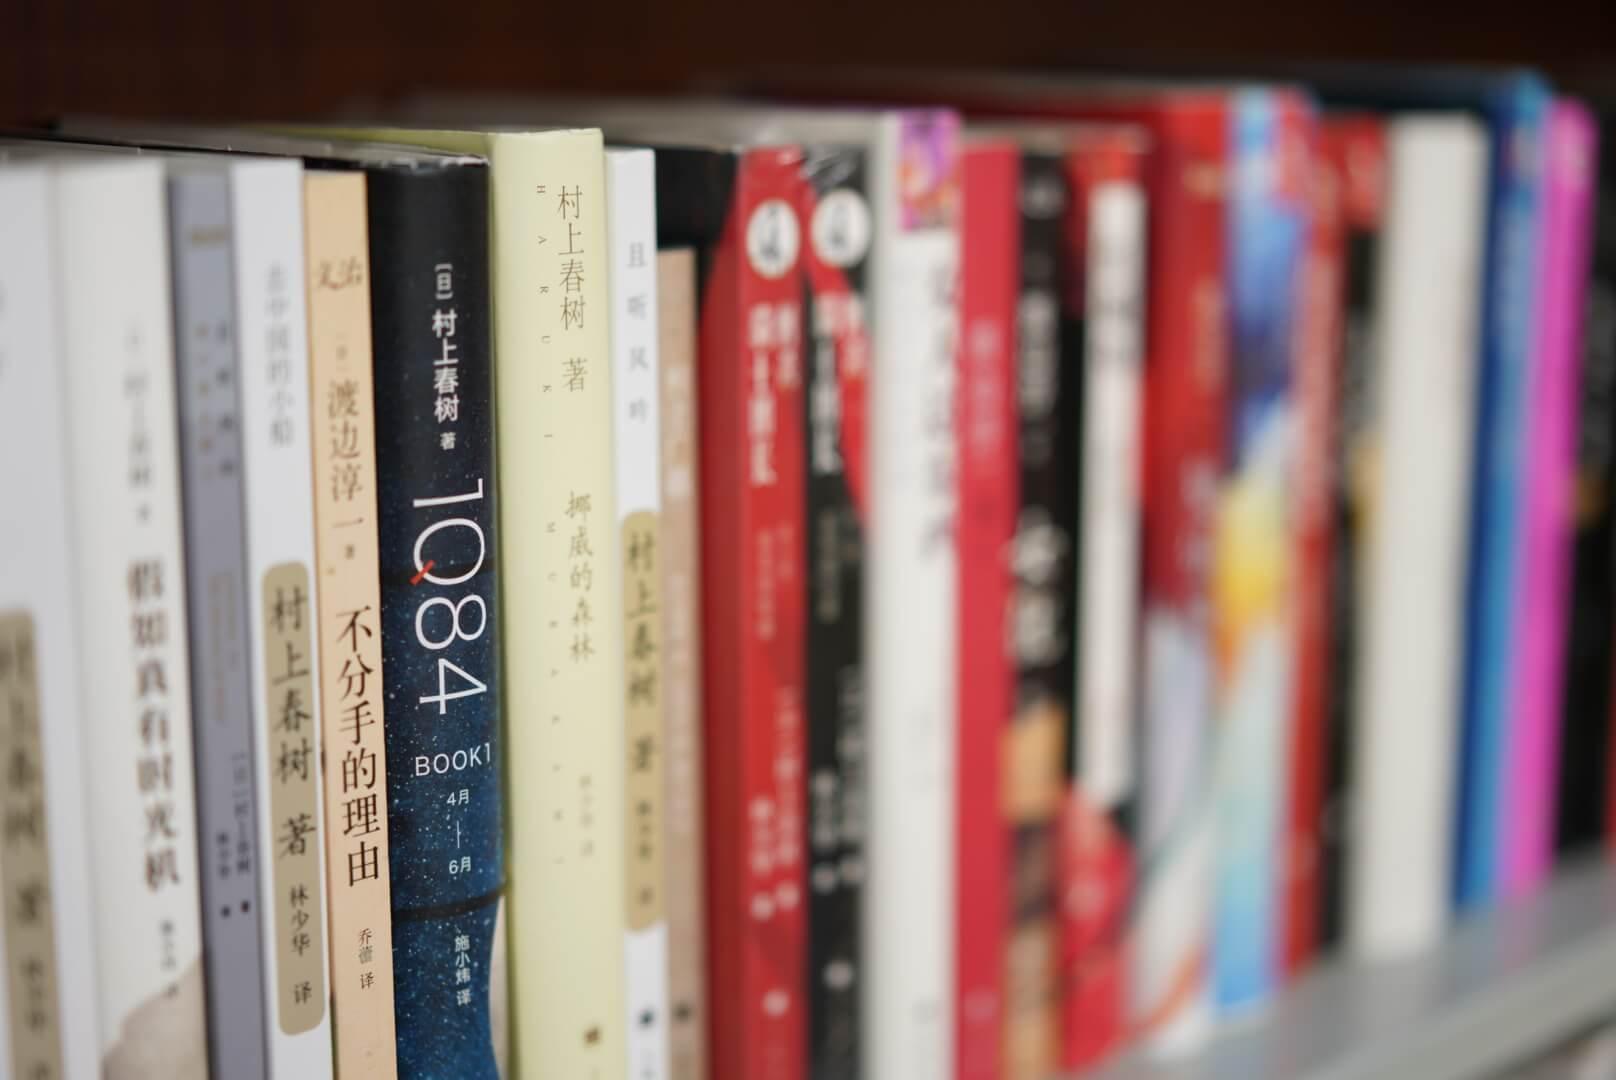 カナダのアジア系スーパー「T&T」の本